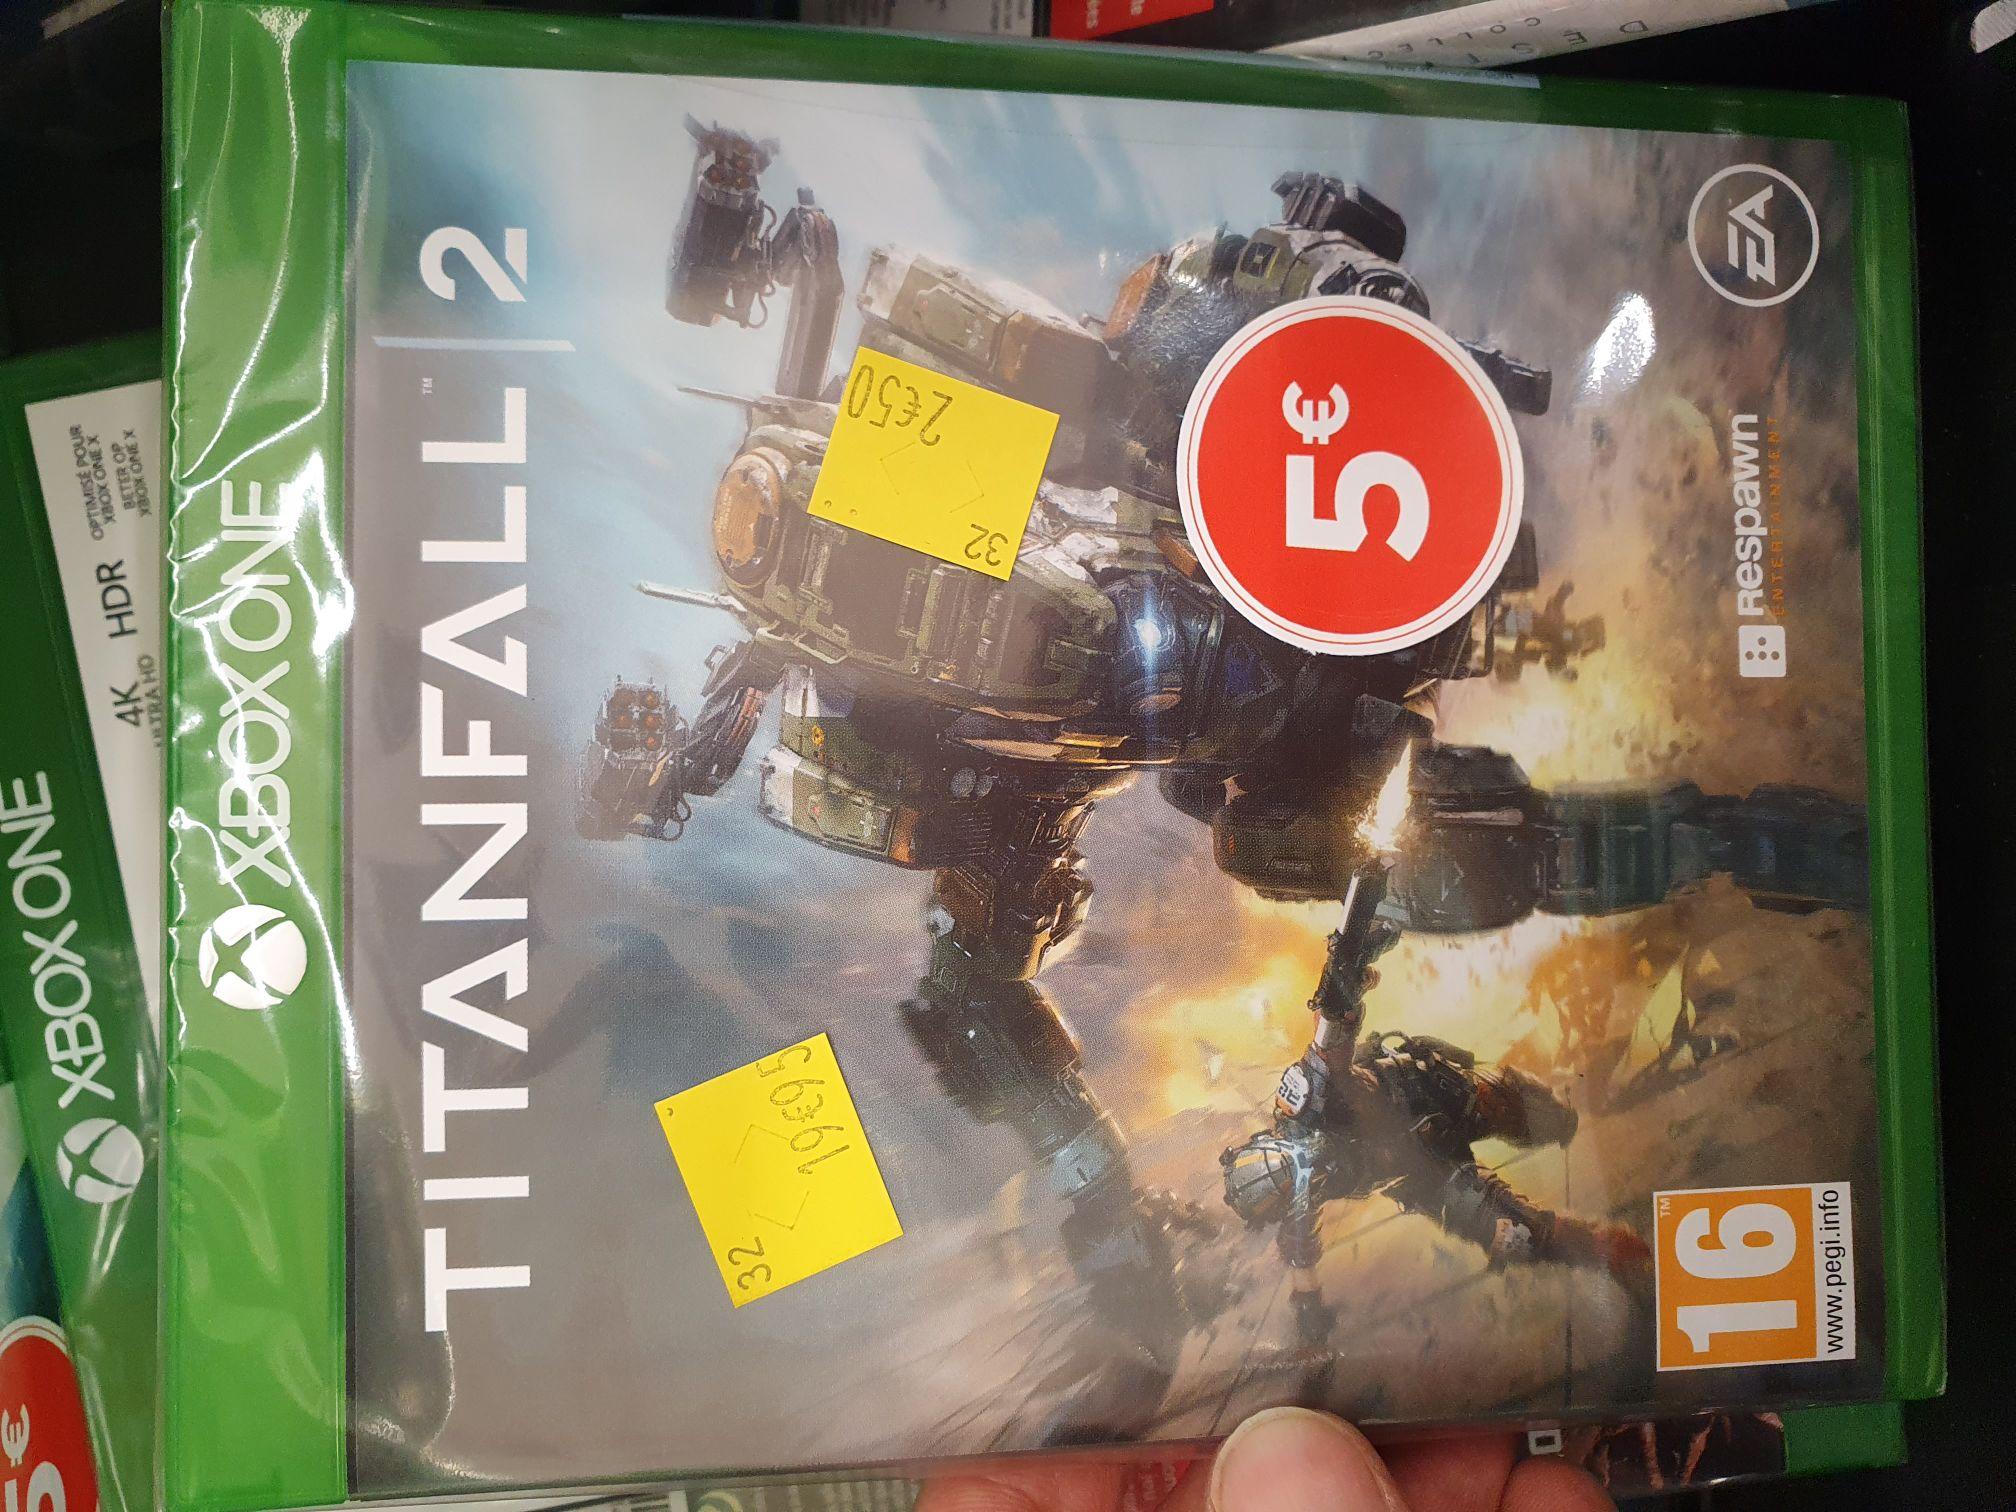 Sélection de jeux vidéo sur Xbox One en promotion - Ex : Titanfall 2 - Lieusaint (77)